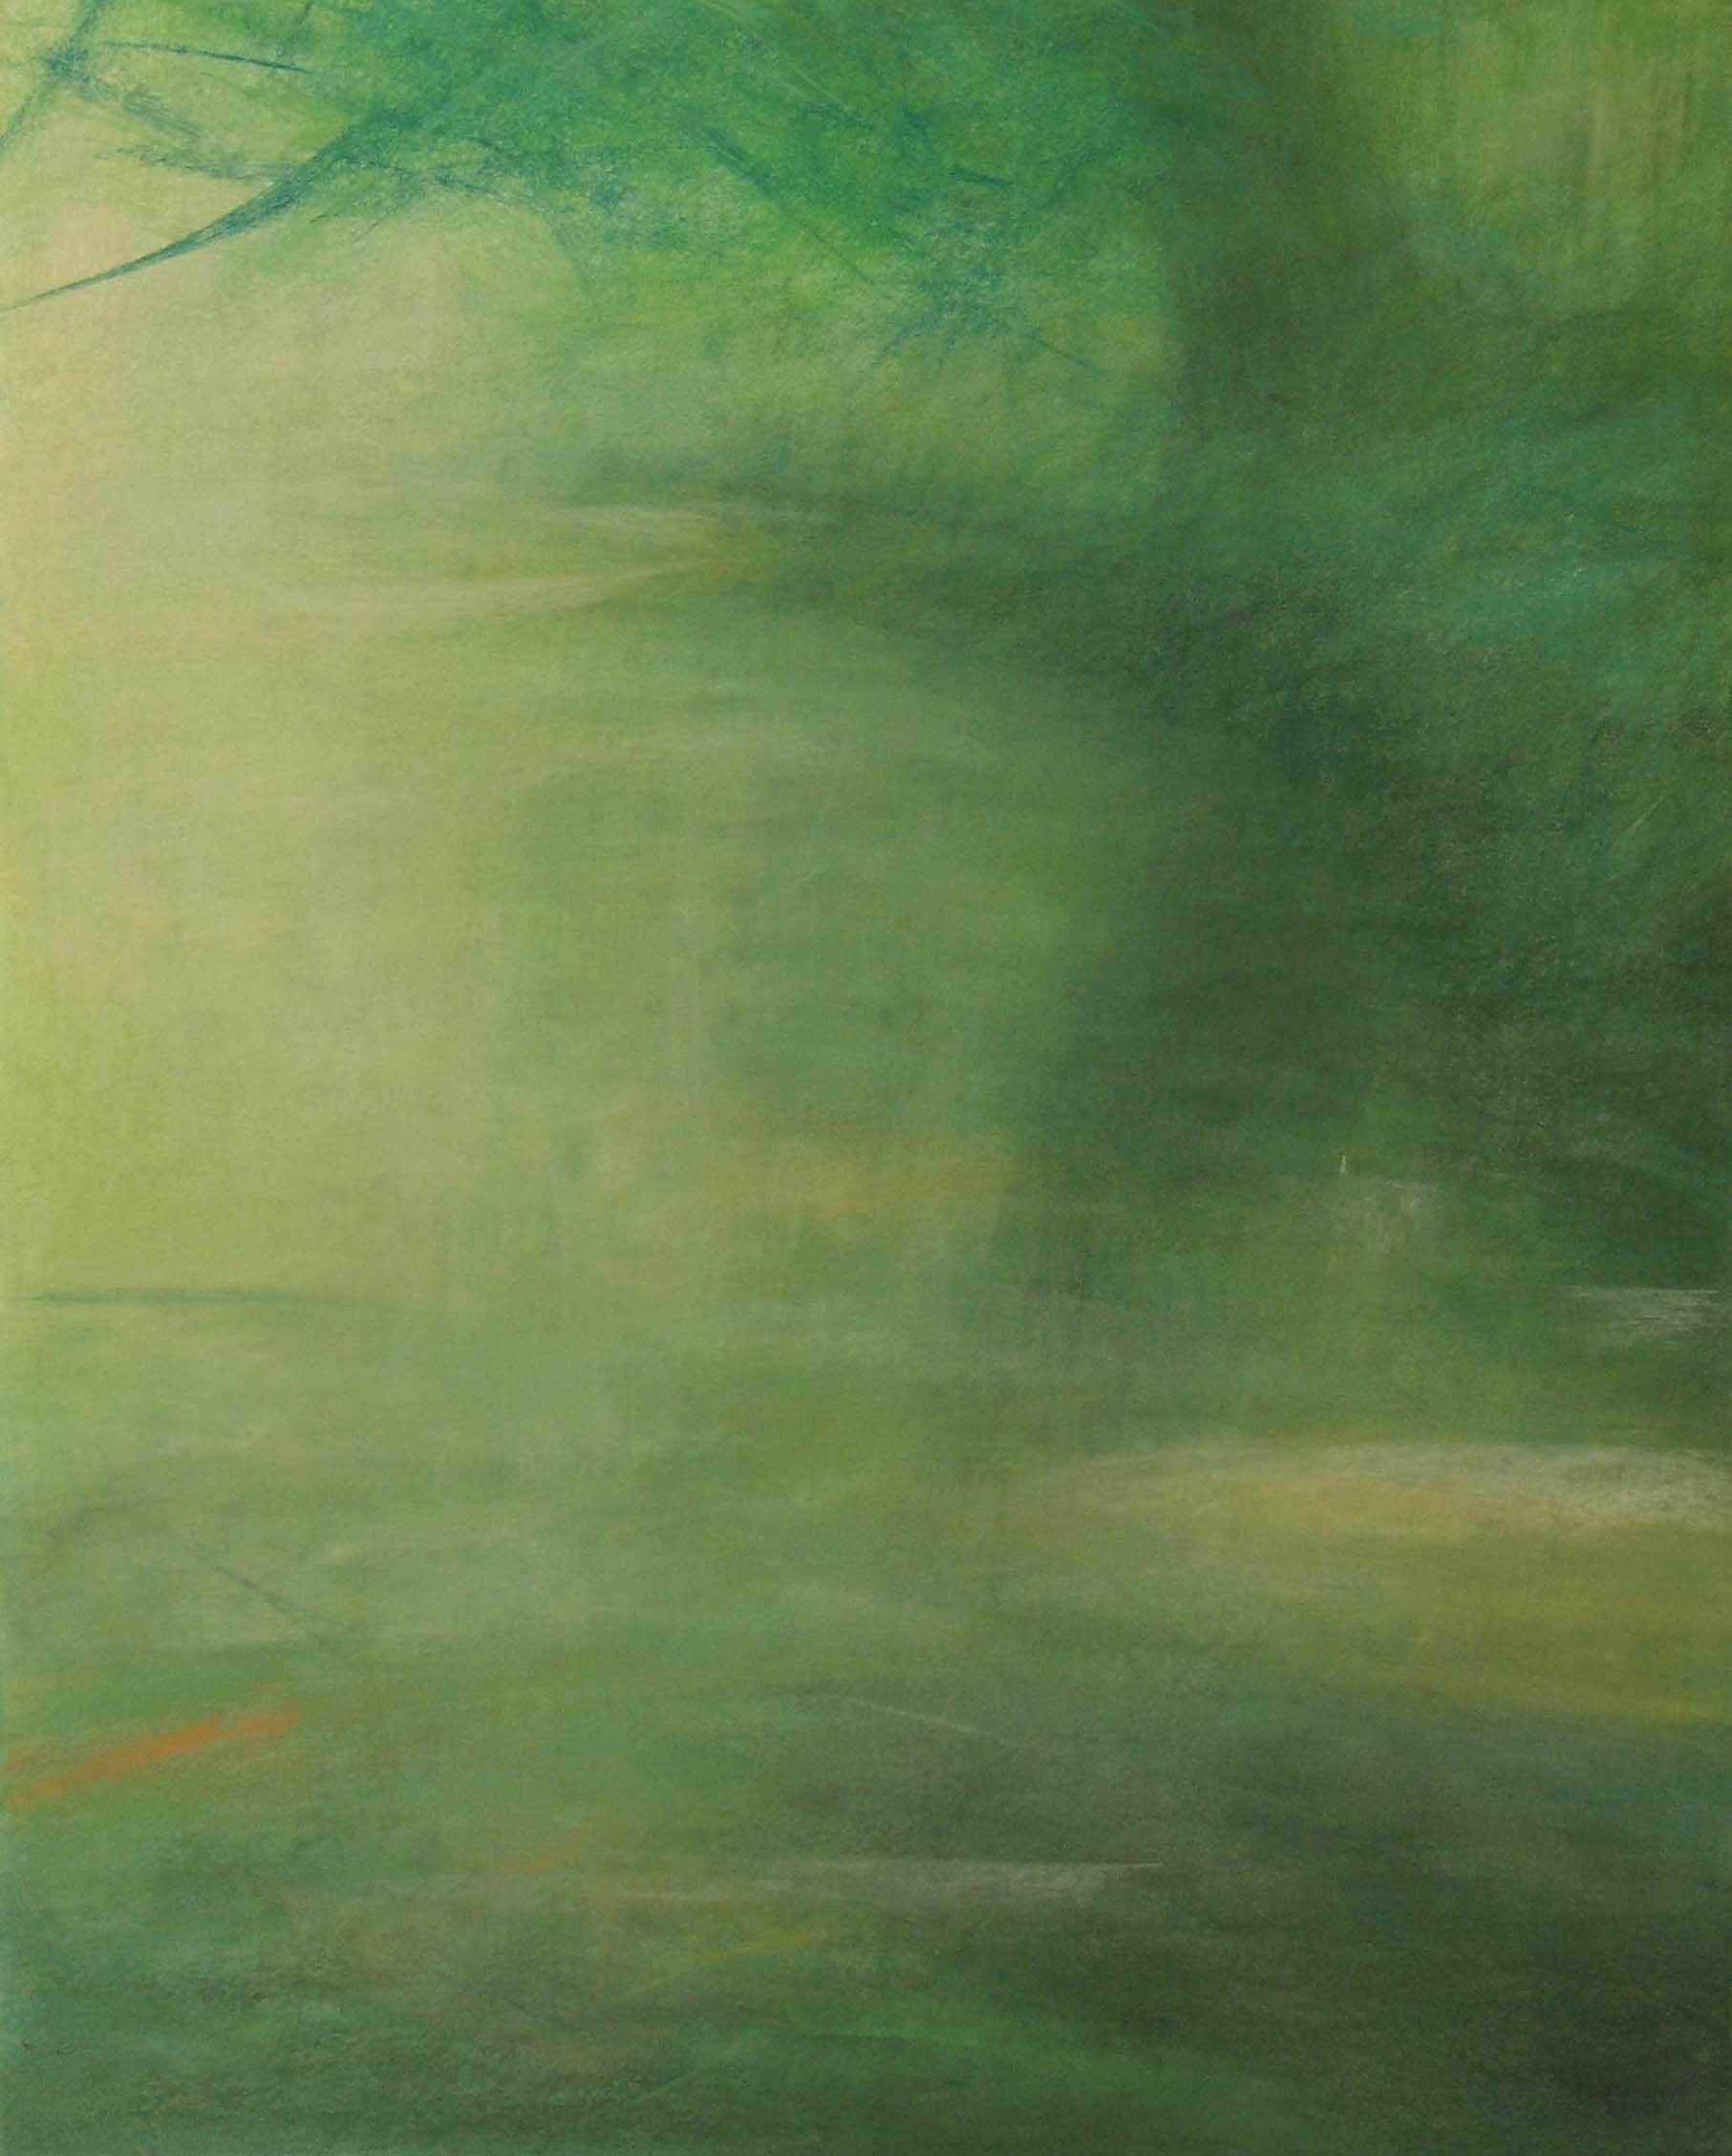 Verdi Riflessi - Graziella Da Gioz, Vino Santalucia 2016